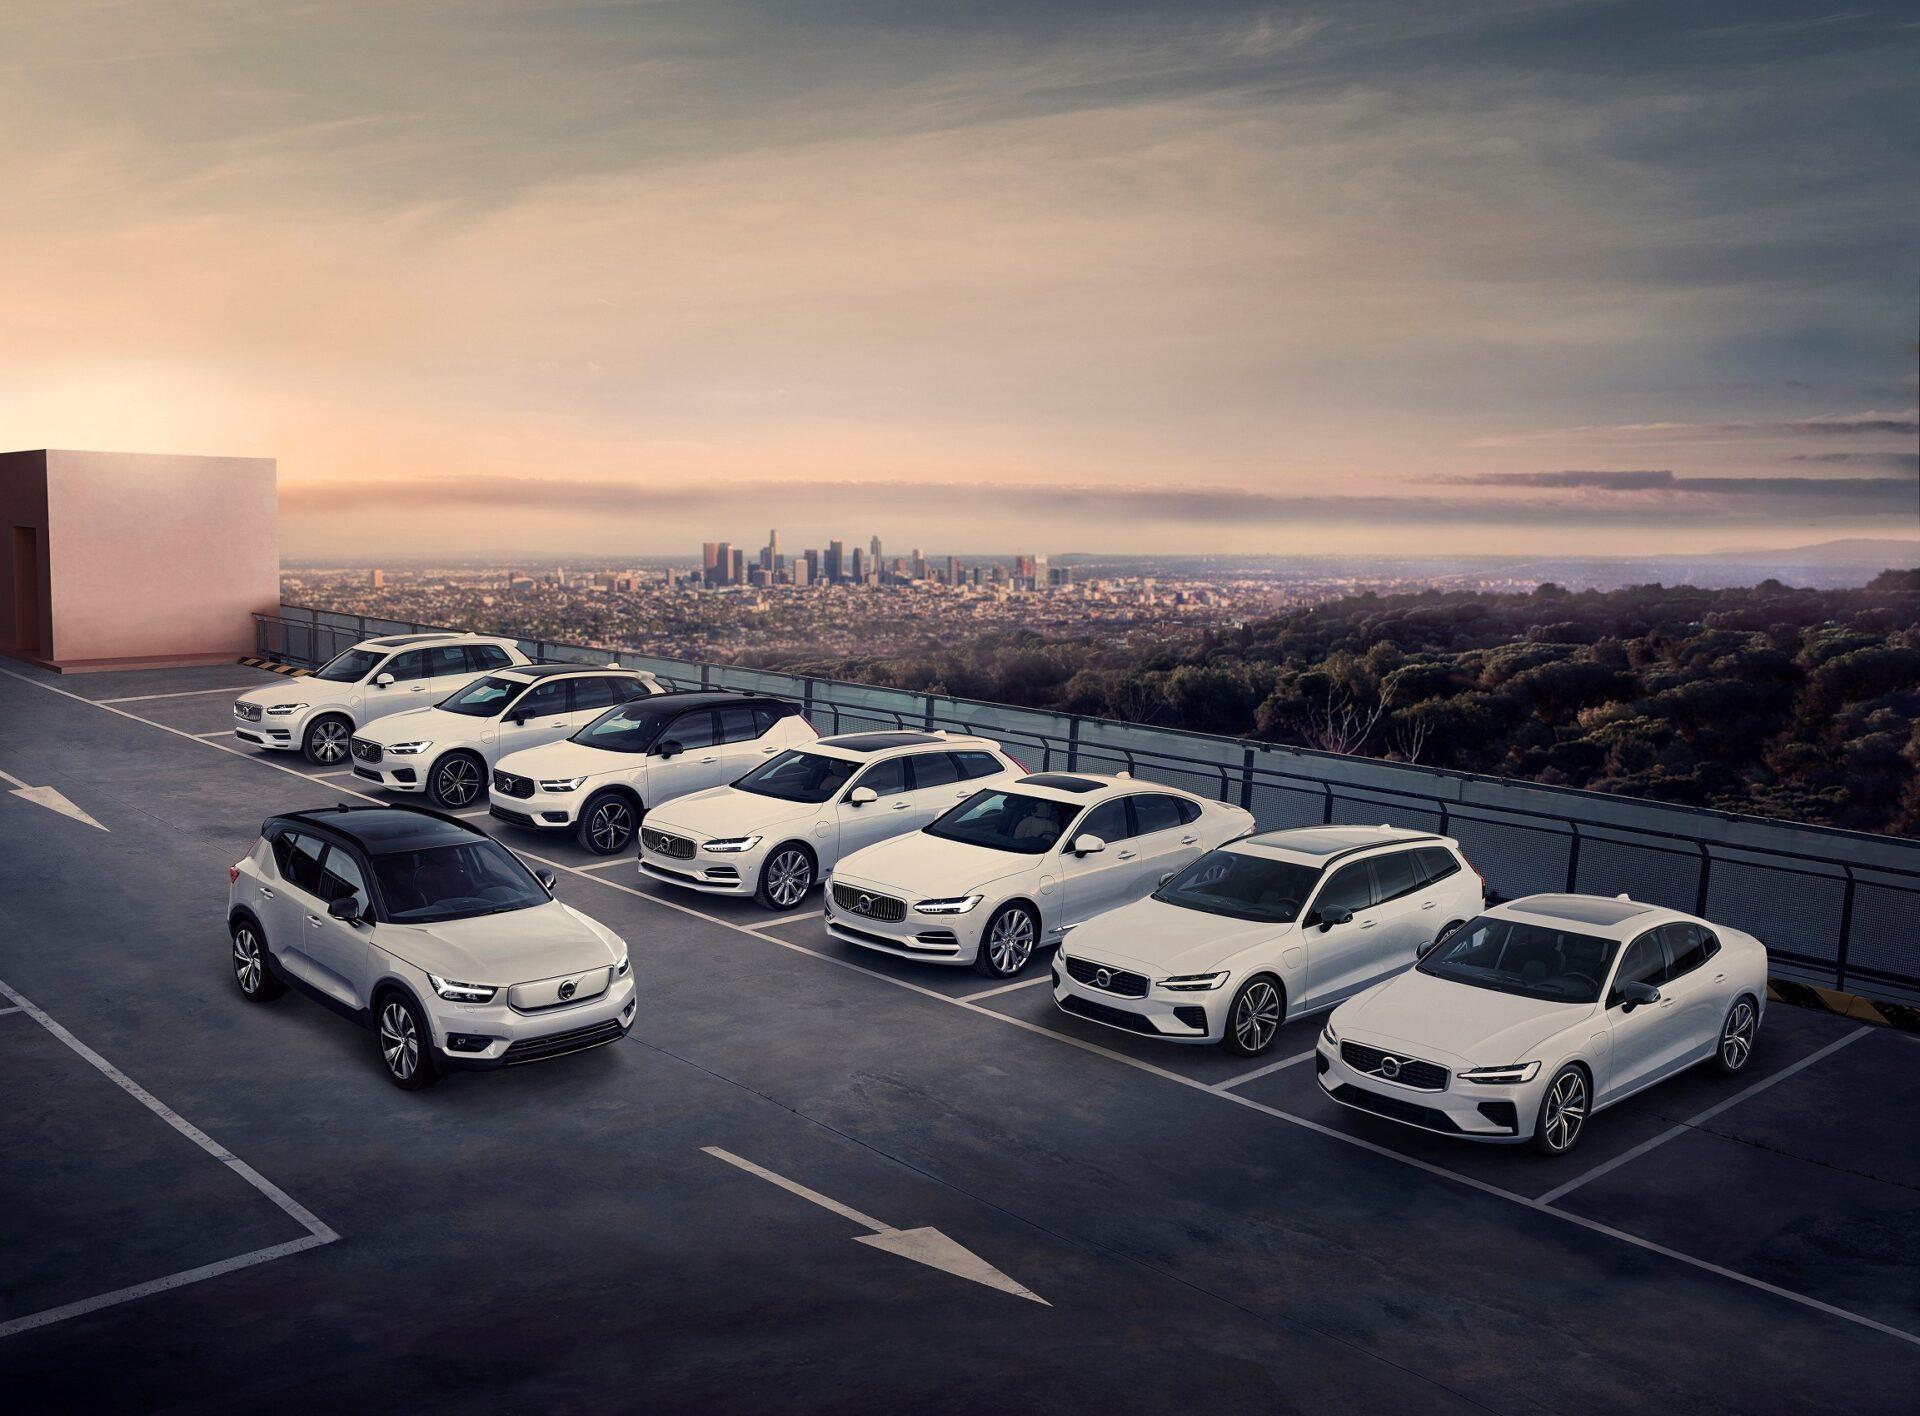 Volvo Car Hellas: Έρχεται ο Άσπρος Ιππότης για να τη βγάλει από την κόκκινη ζώνη